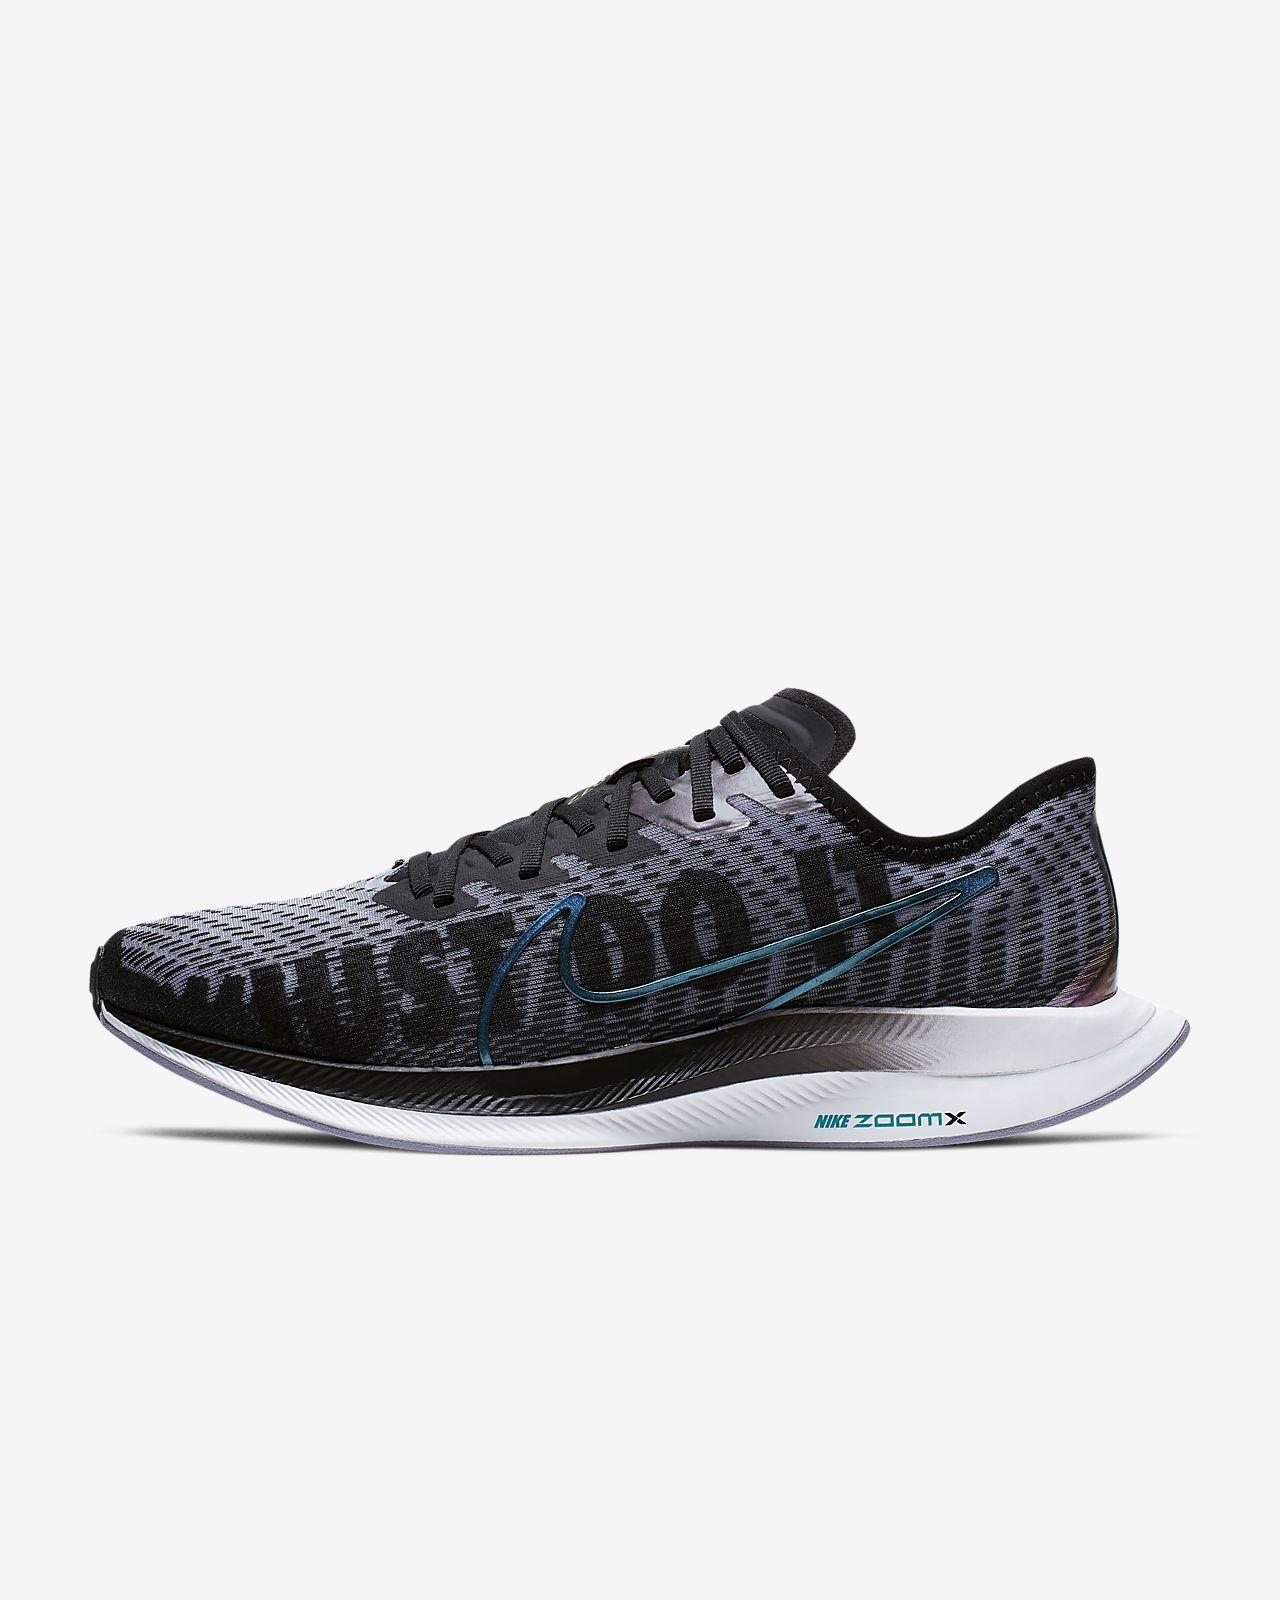 รองเท้าวิ่งผู้หญิง Nike Zoom Pegasus Turbo 2 Rise